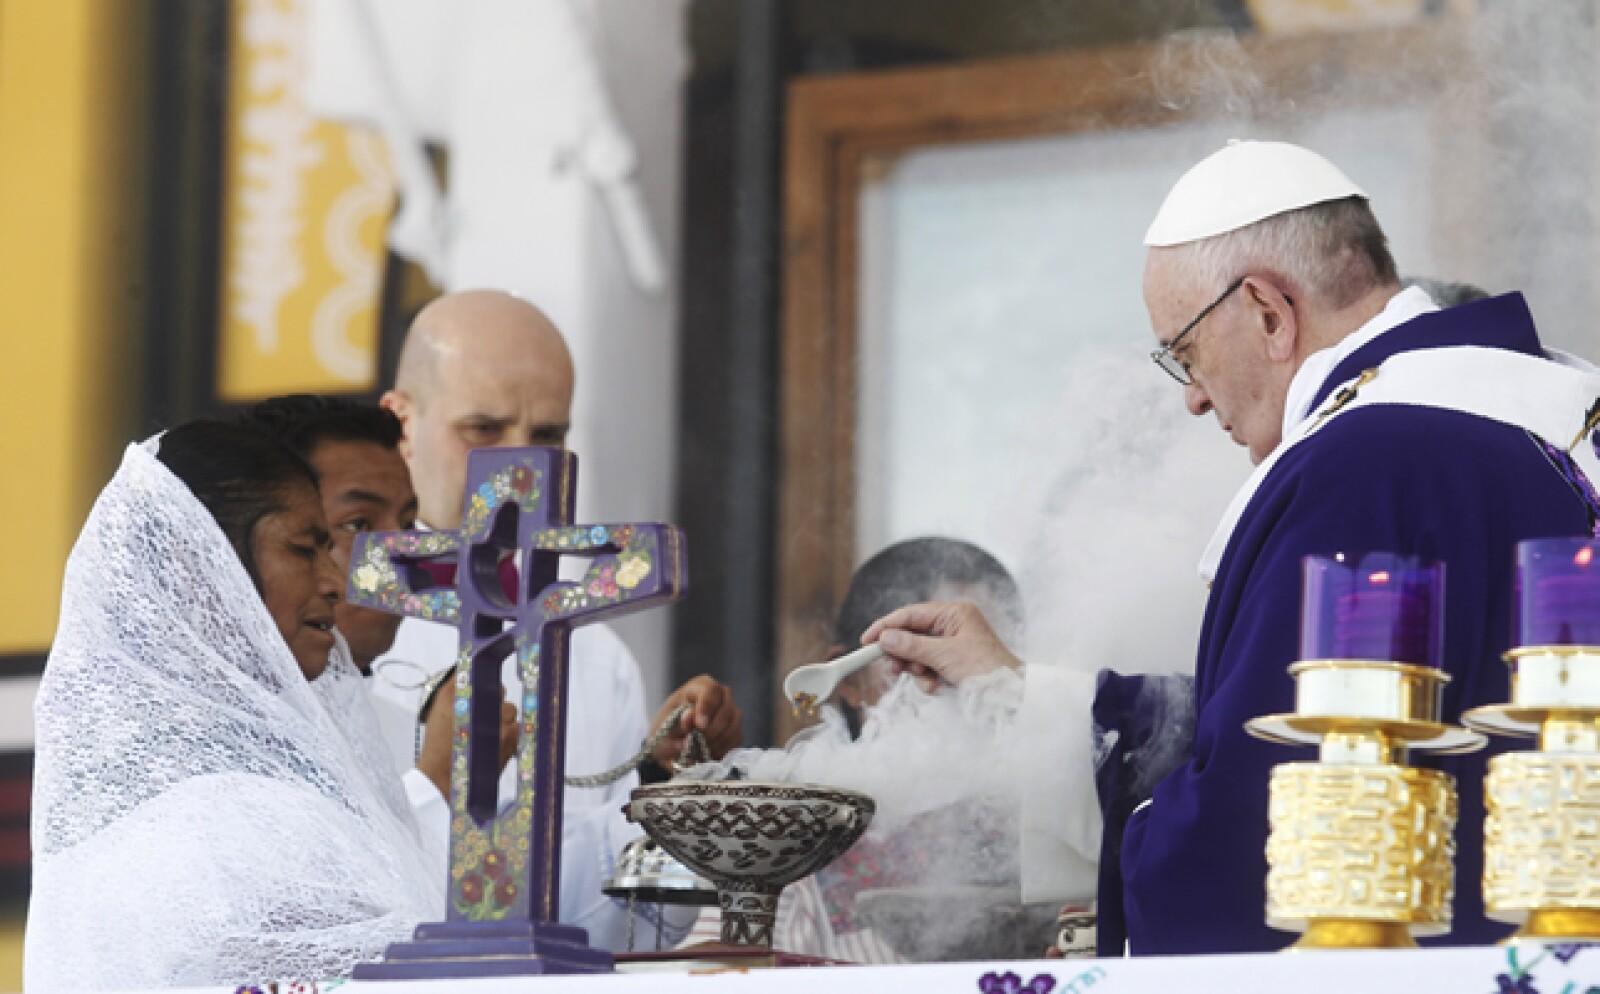 El pontífice ofició una misa este lunes en San Cristóbal de las Casas, Chiapas. En su sermón denunció el maltrato a las comunidades indígenas.